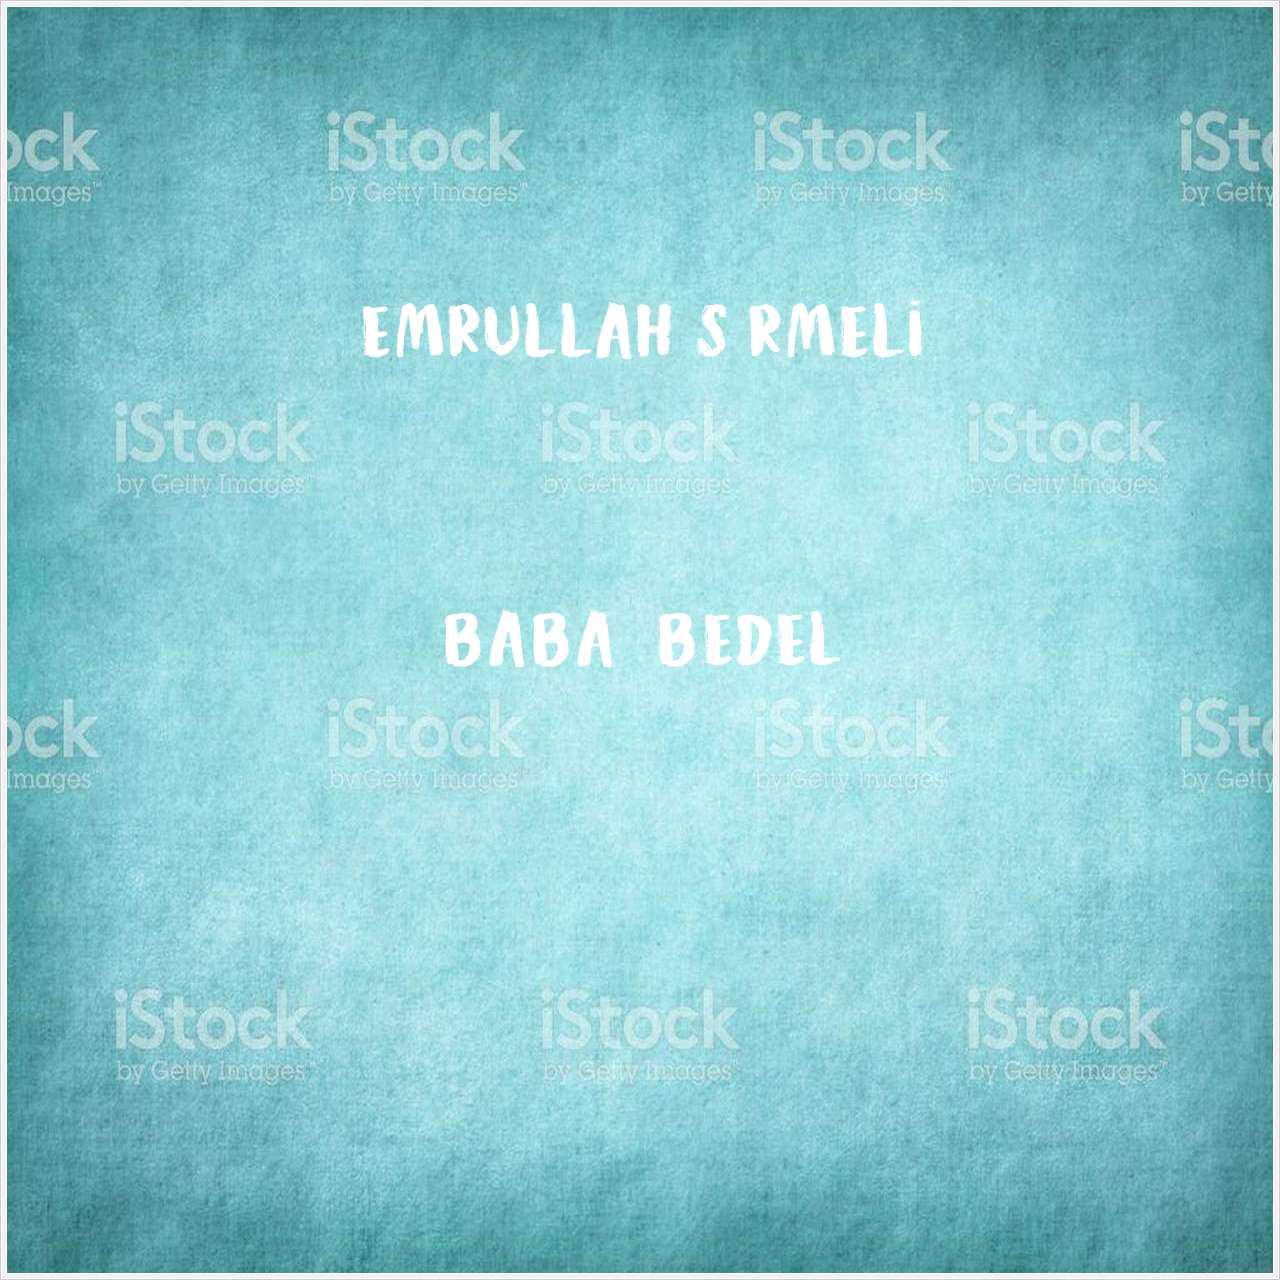 دانلود آهنگ جدید Emrullah Sürmeli به نام Baba (Bedel)